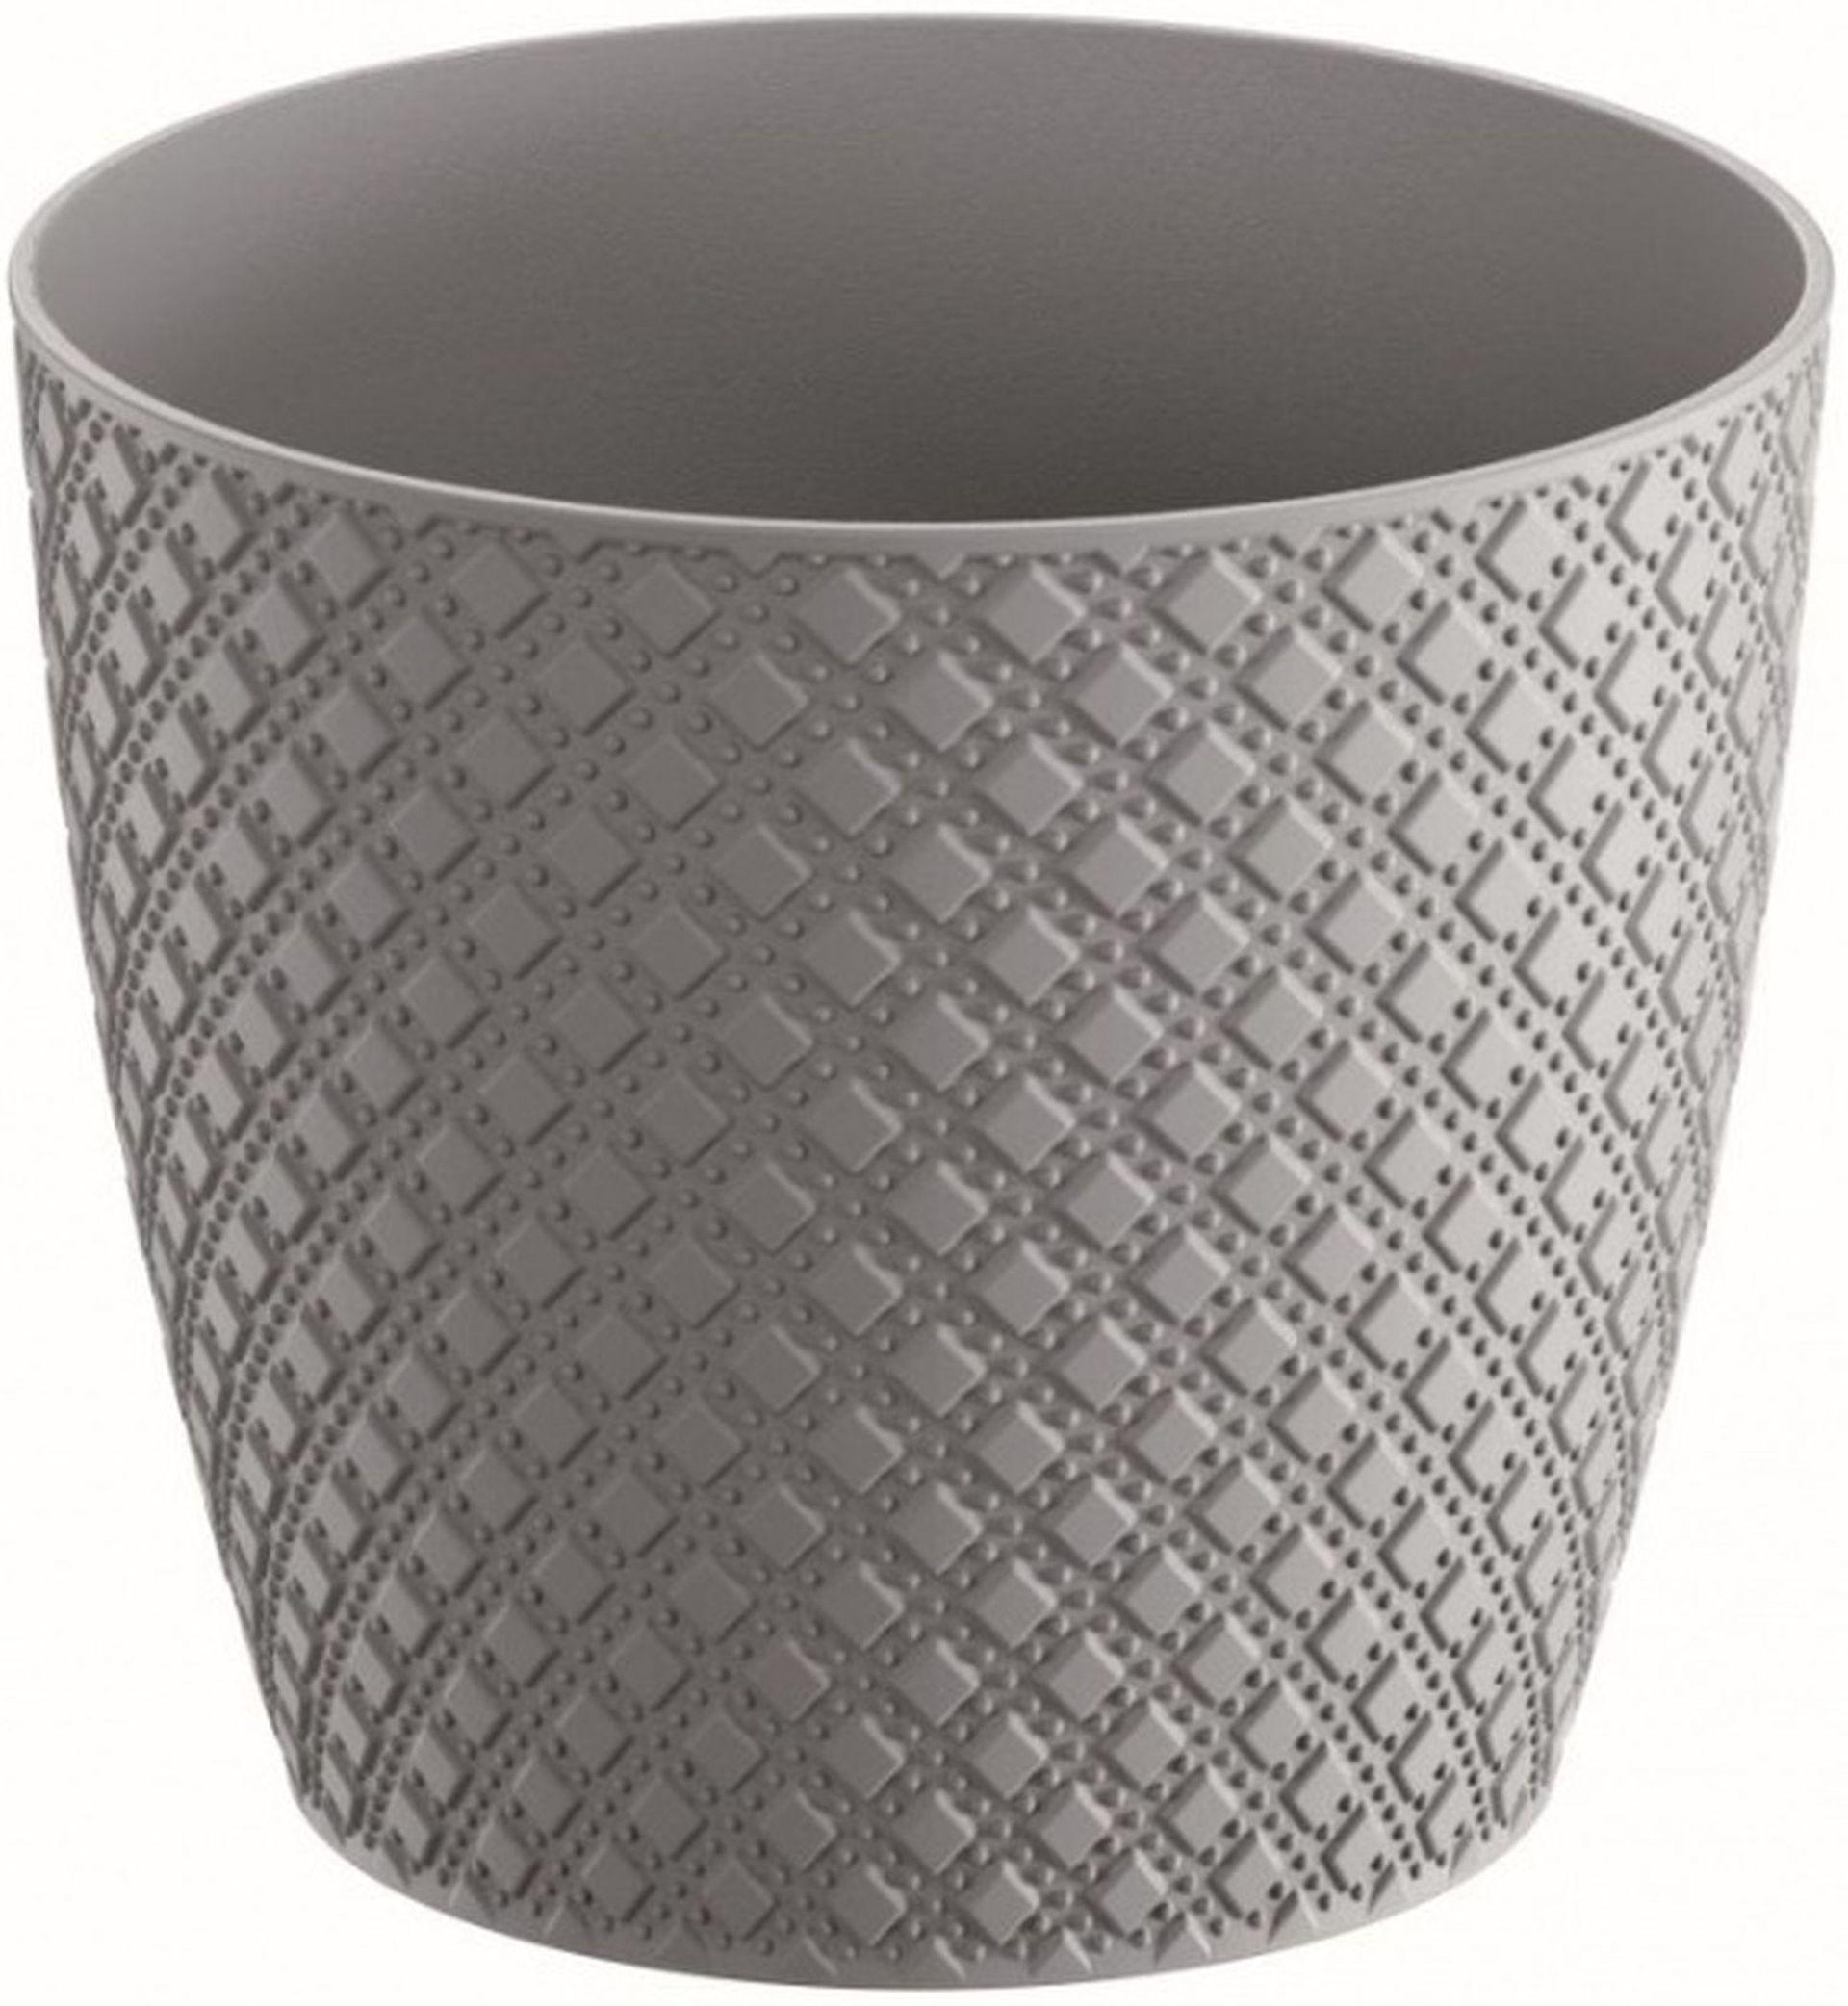 Prosperplast ORIENT Květináč 12,8 cm, šedý kámen DOR130